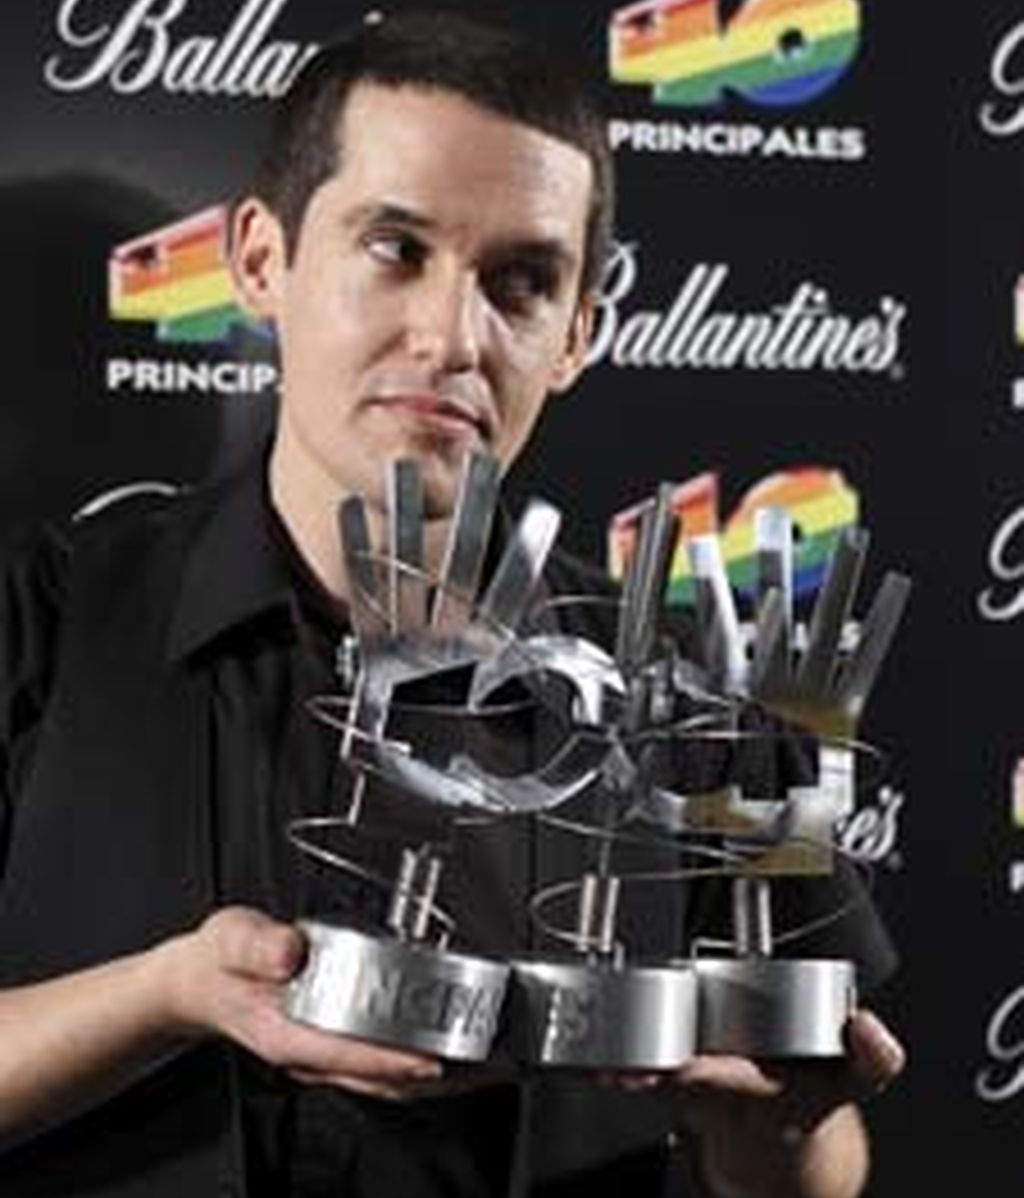 """El cantante del grupo """"Maldita Nerea"""", Jorge Ruíz, posa con los galardones recibidos durante la ceremonia de entrega de los premios que la emisora de radio 40 Principales. Foto: EFE"""